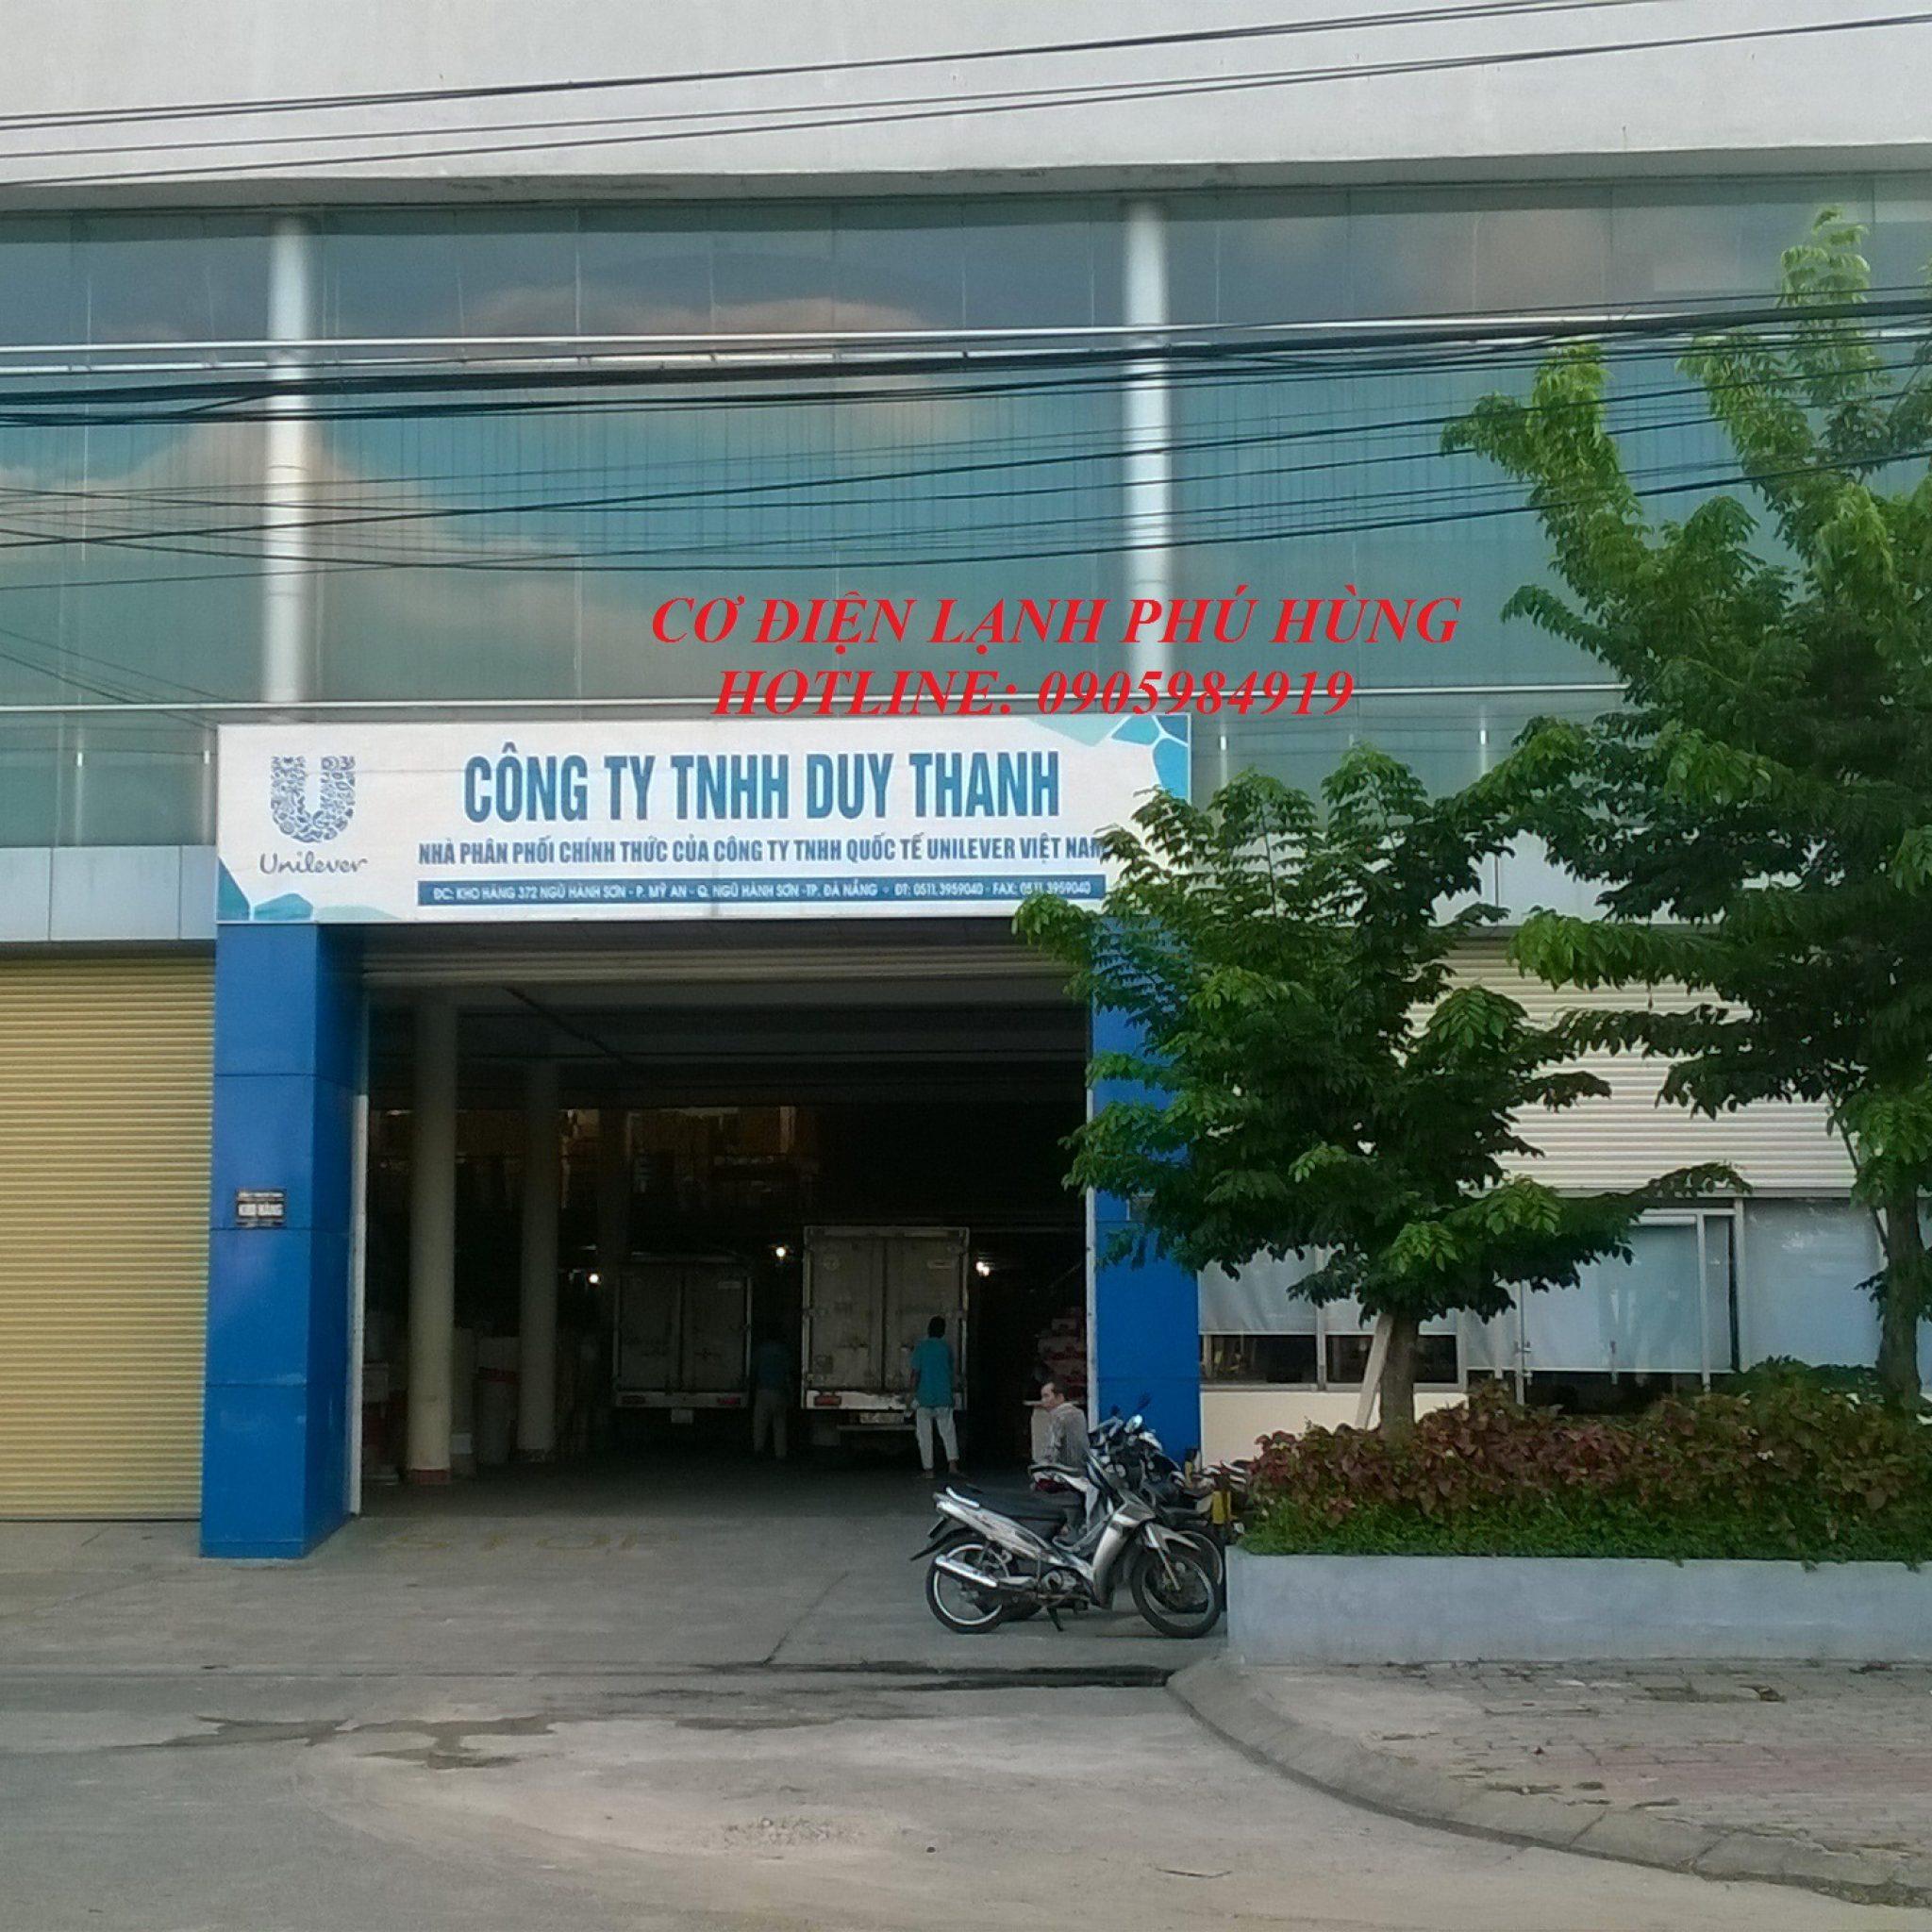 8 - Lắp kho lạnh sữa Vinamilk Cty DUY THANH - Quảng Nam